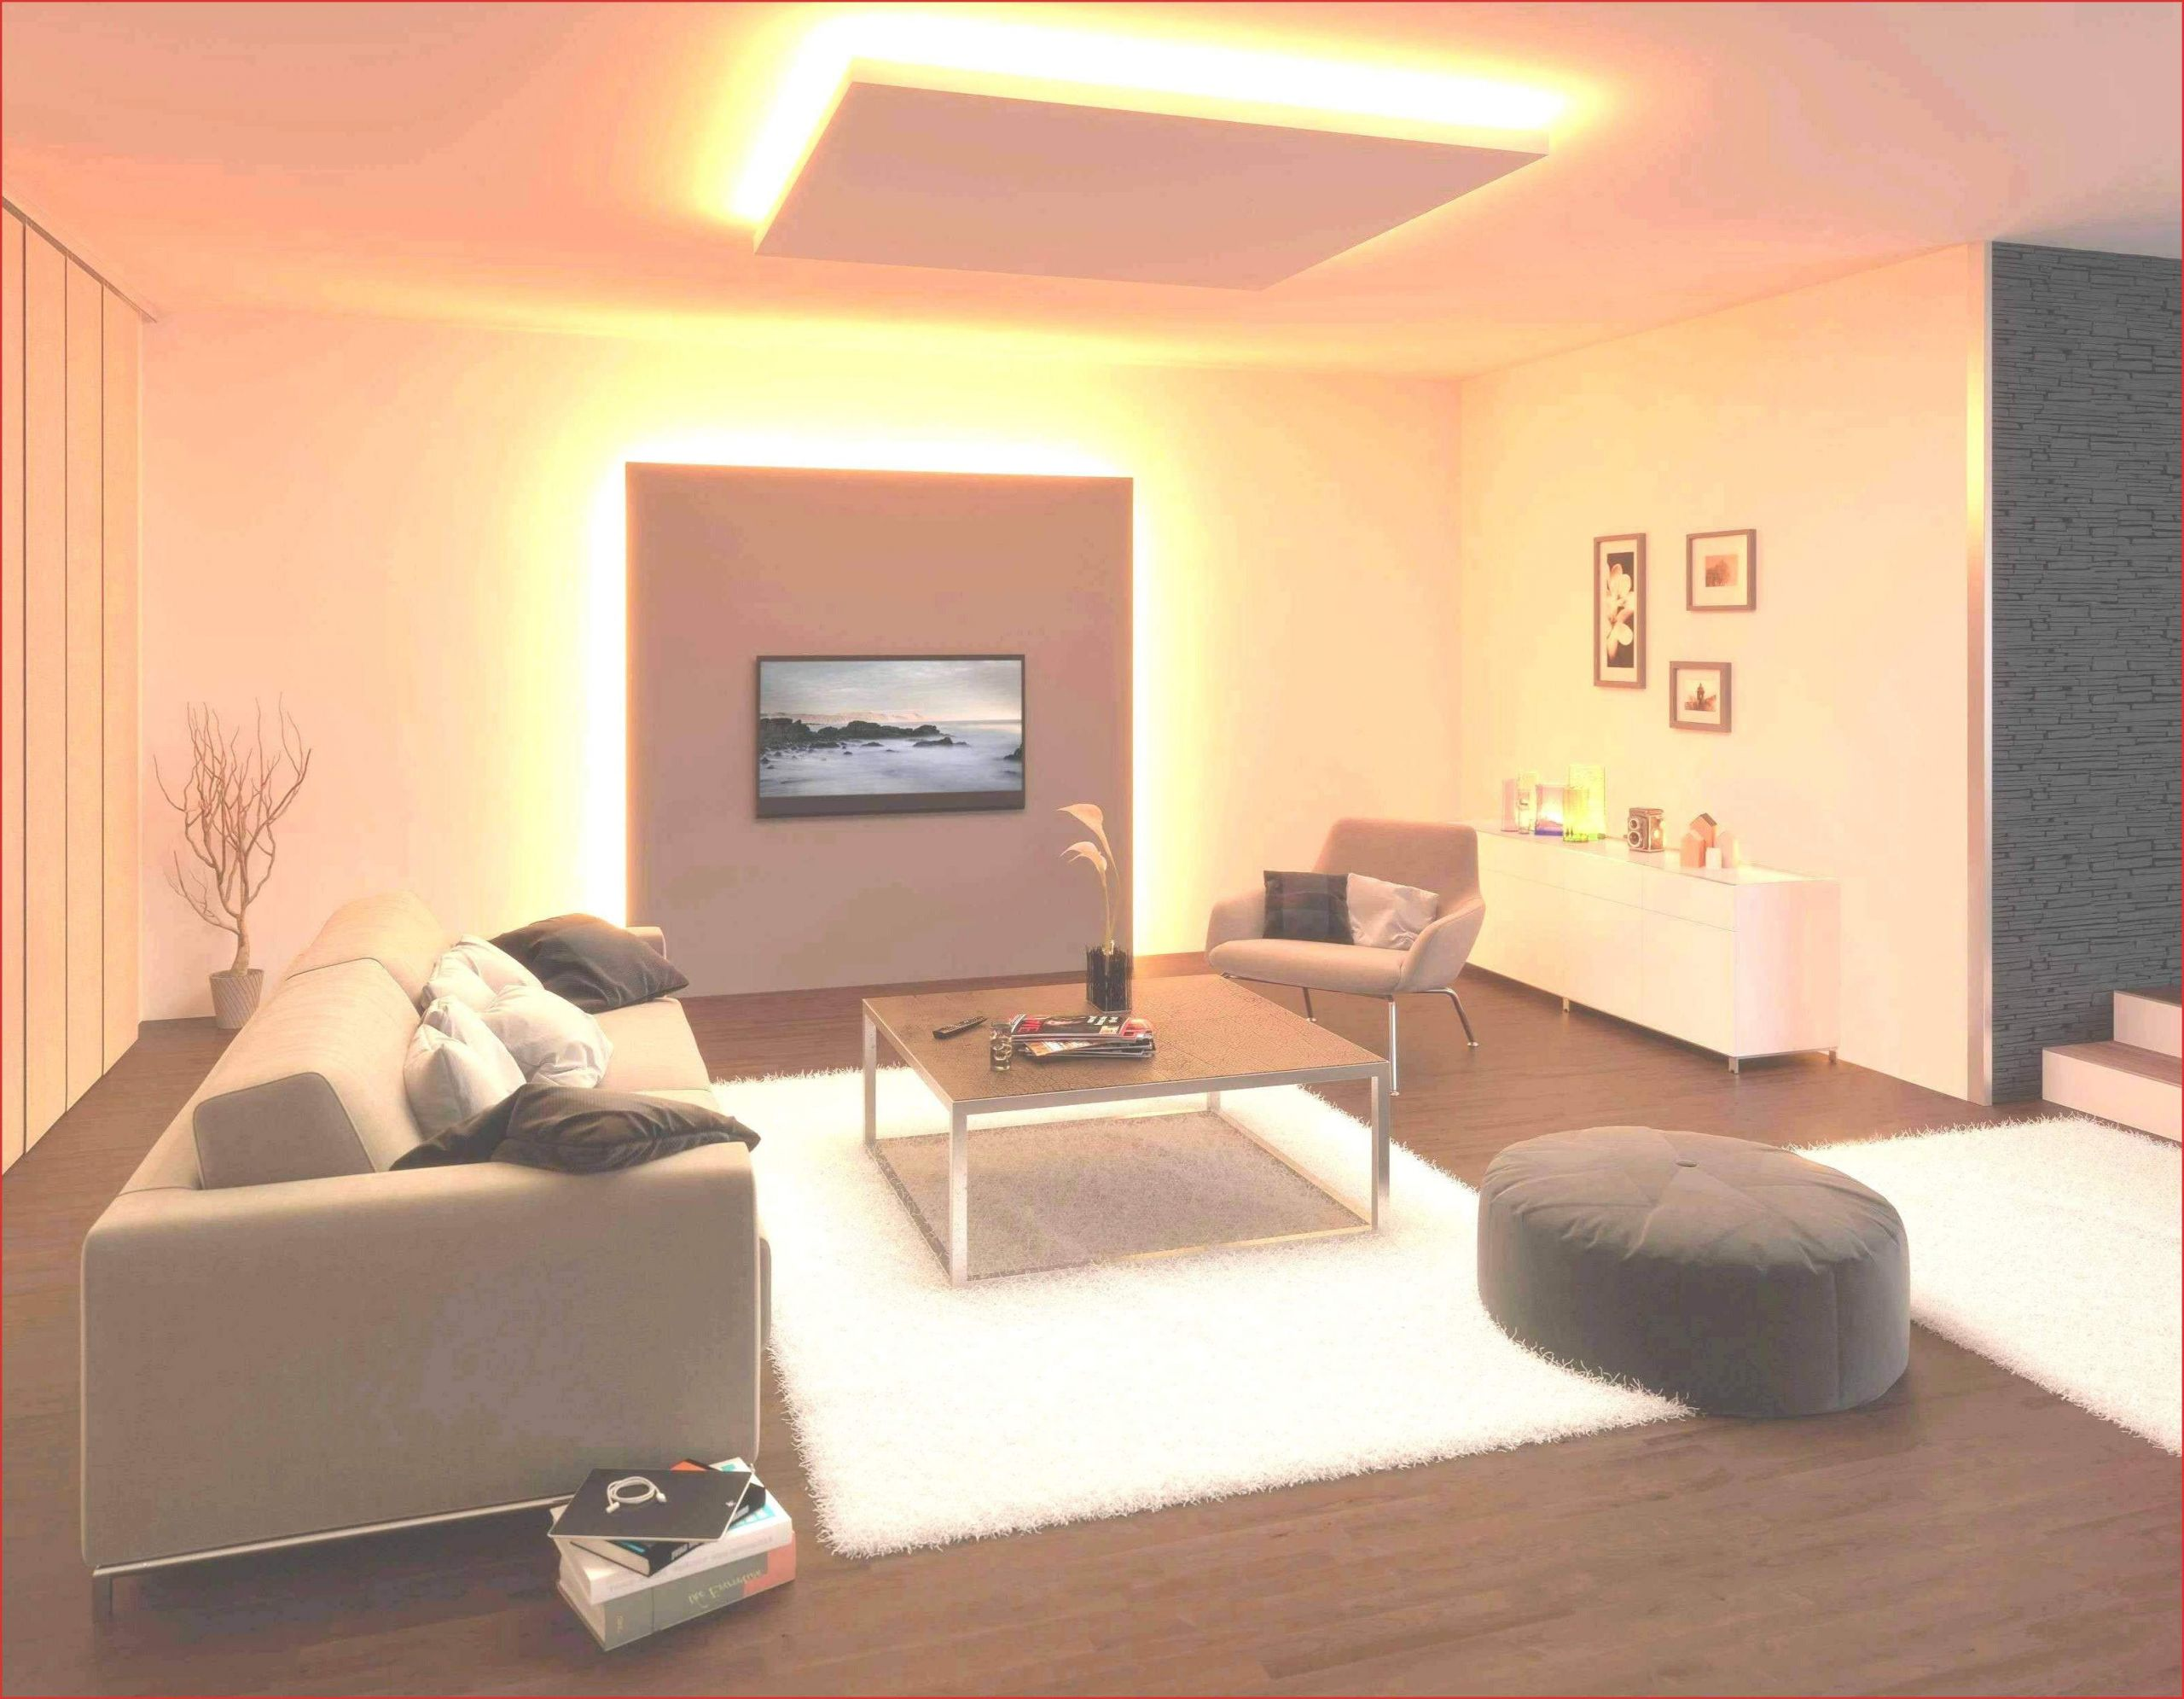 Full Size of Wohnzimmer Led Deckenleuchte Das Beste Von 40 Frisch Sideboard Stehlampe Stehleuchte Sofa Kleines Schrankwand Stehlampen Hängelampe Decke Fototapeten Wohnzimmer Wohnzimmer Led